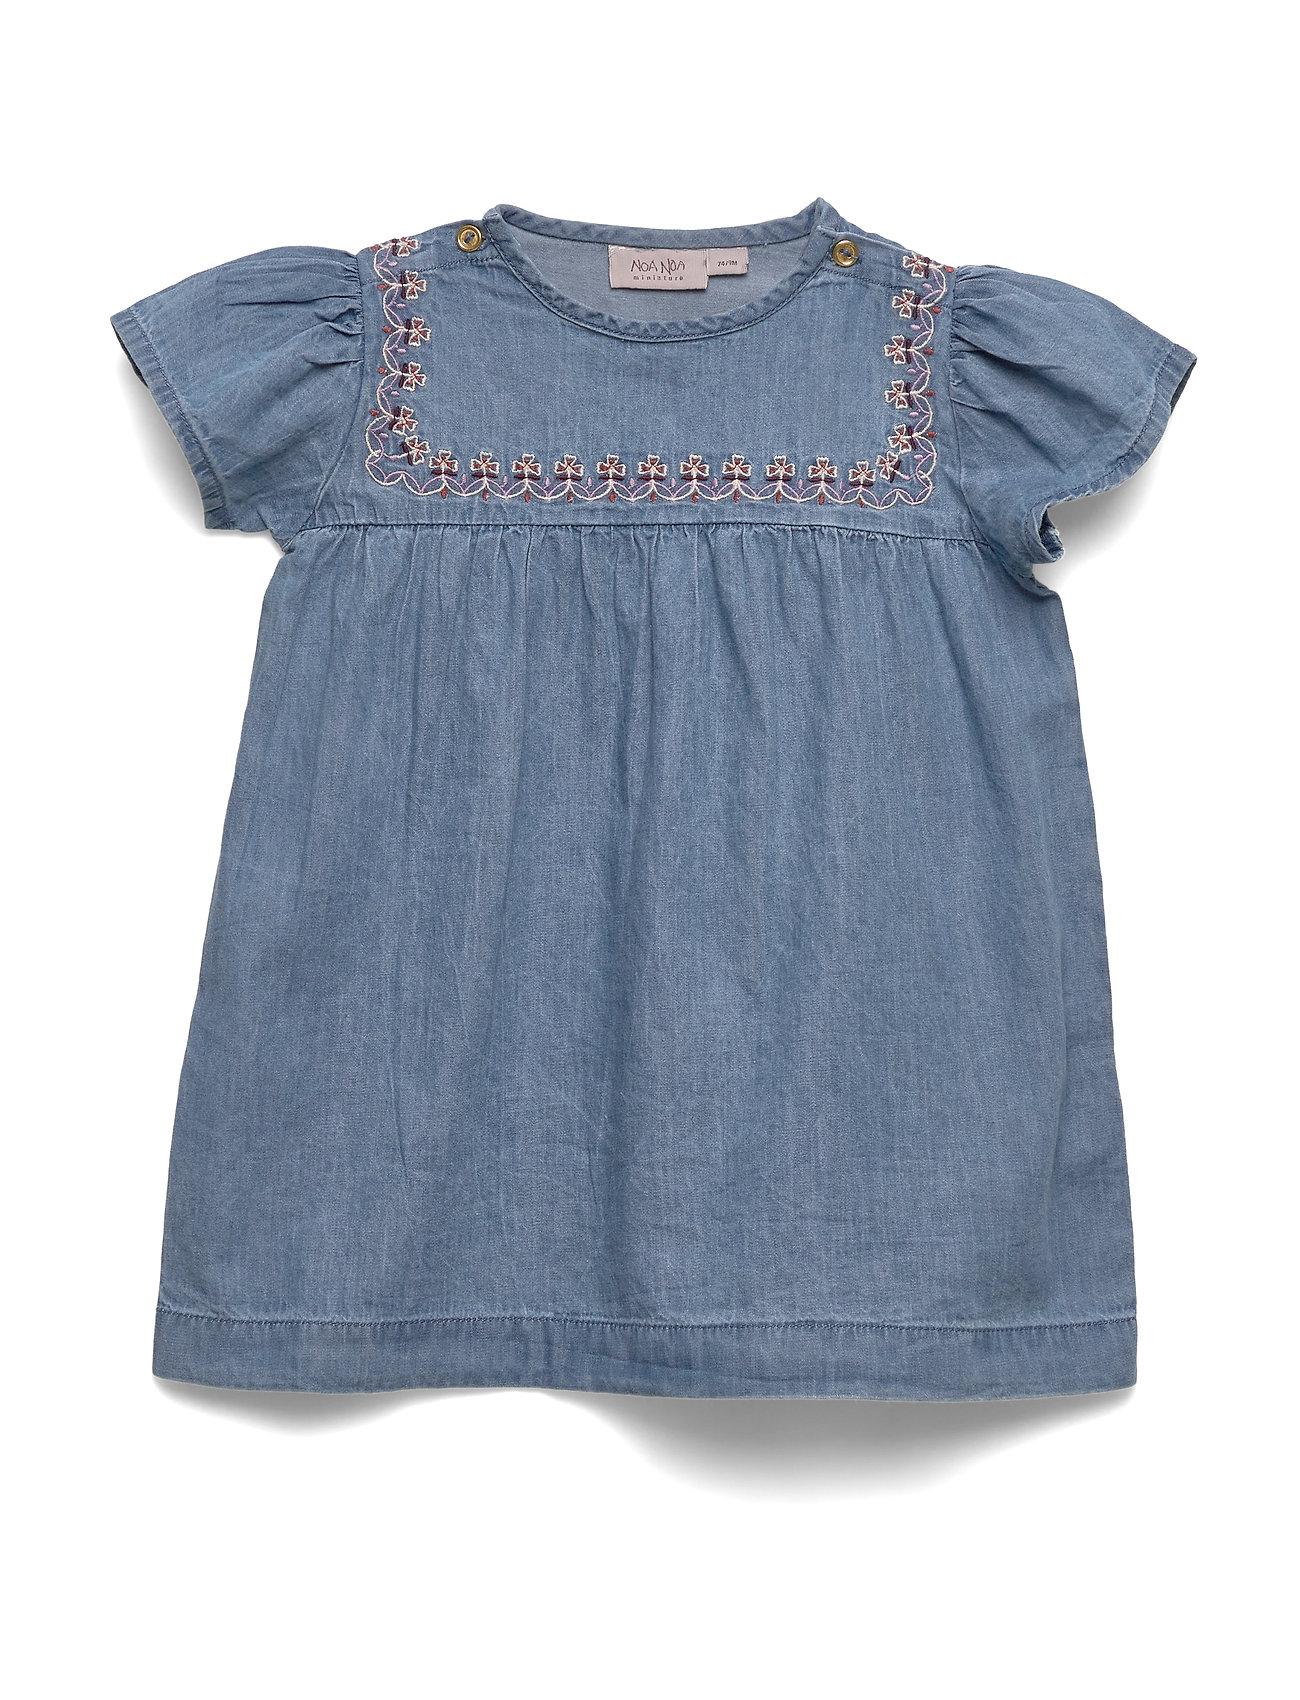 Image of Dress Short Sleeve Kjole Blå Noa Noa Miniature (3406255093)